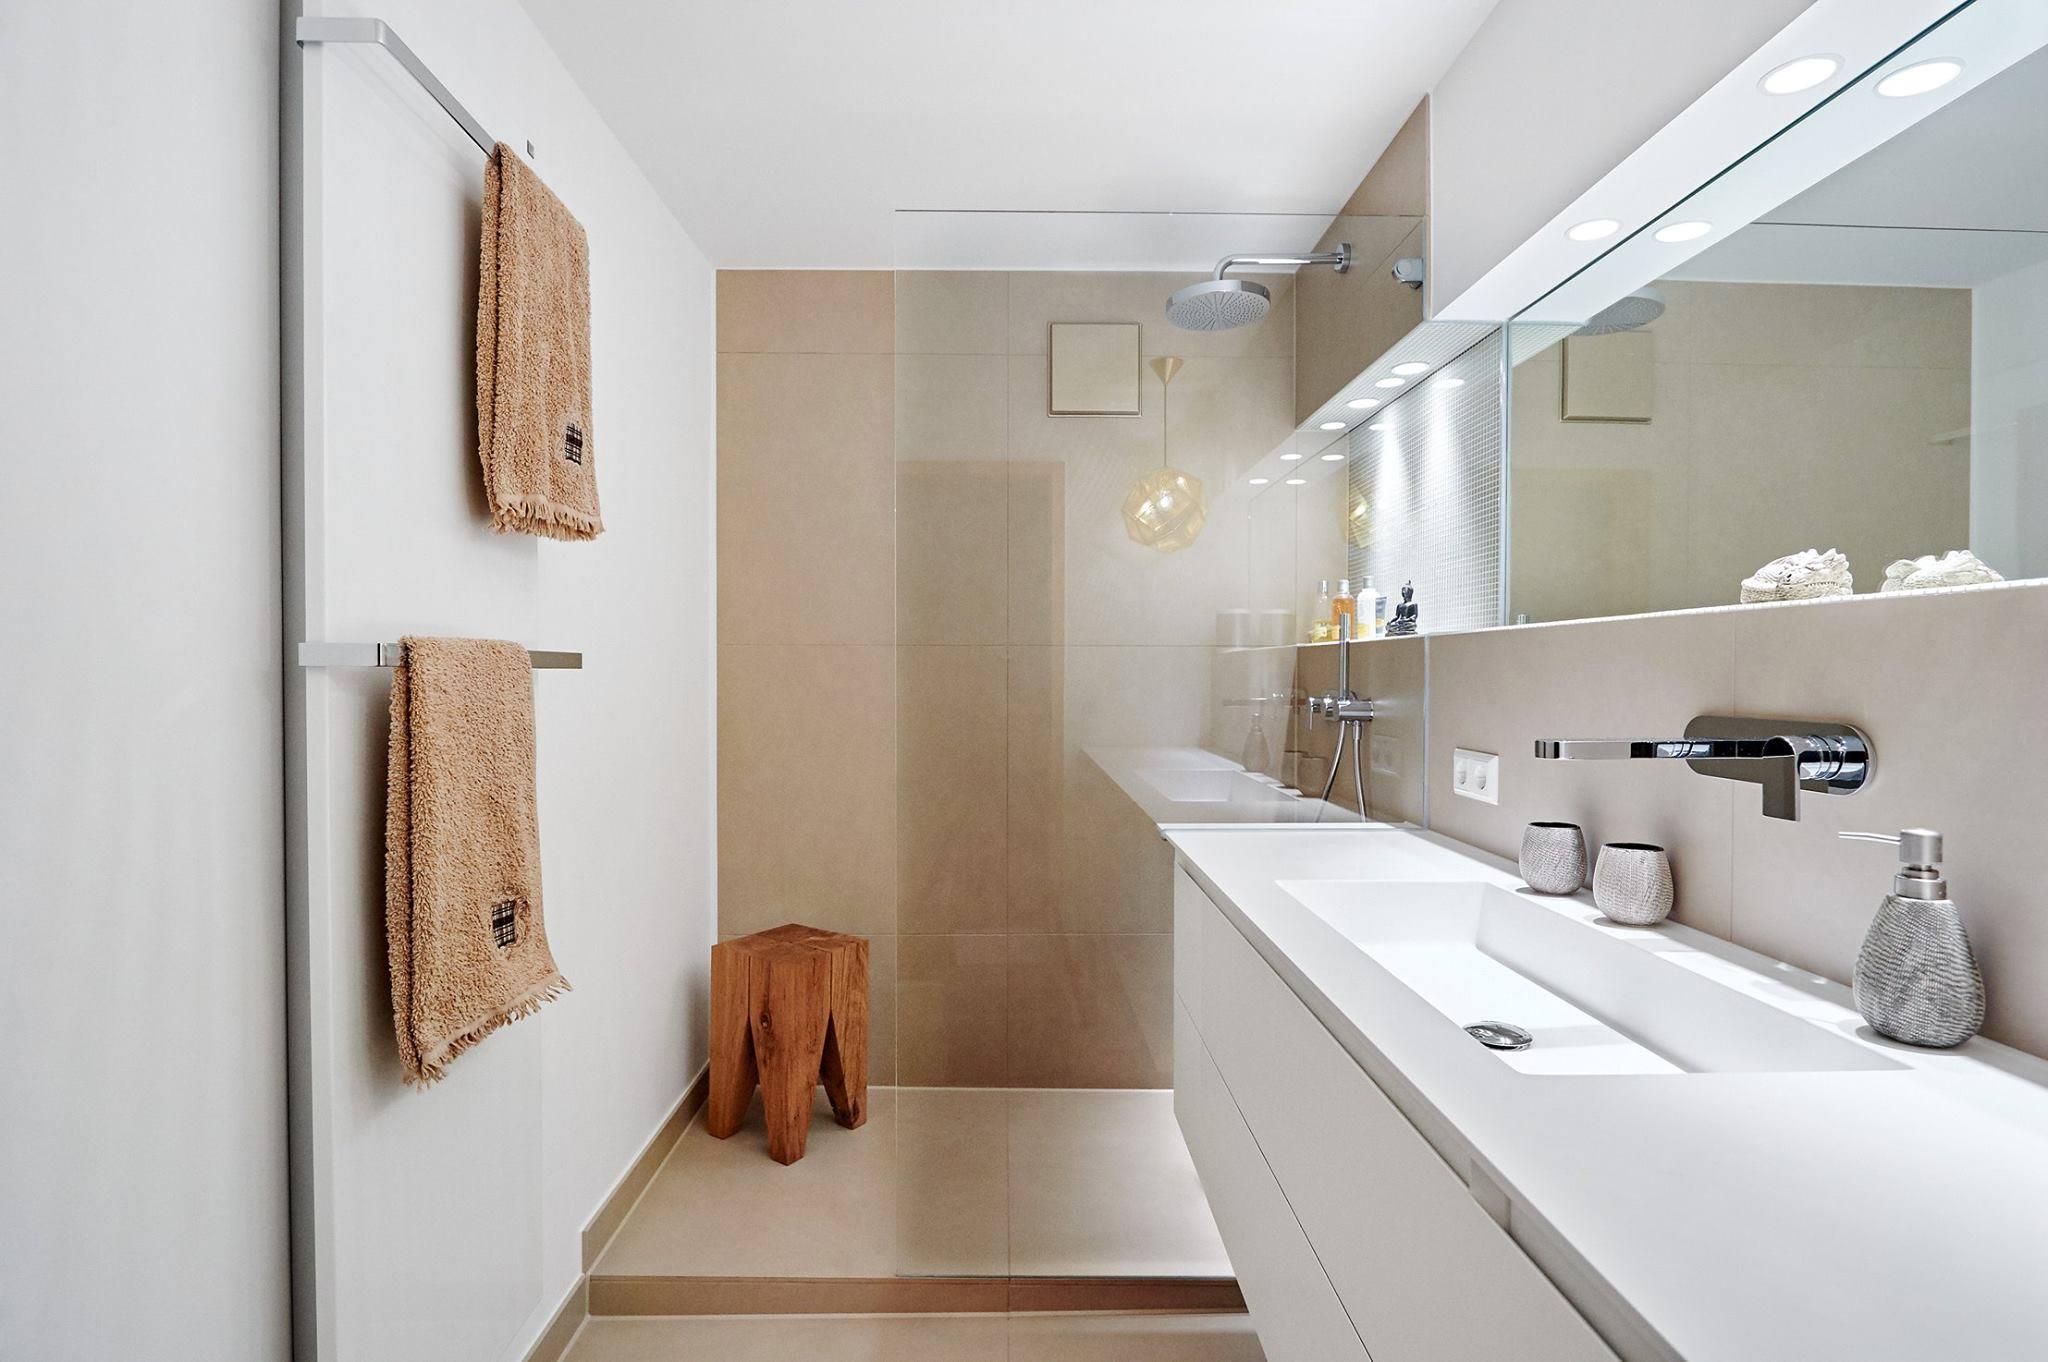 Bagno Stile Minimalista : Come arredare casa in stile provenzale deabyday tv